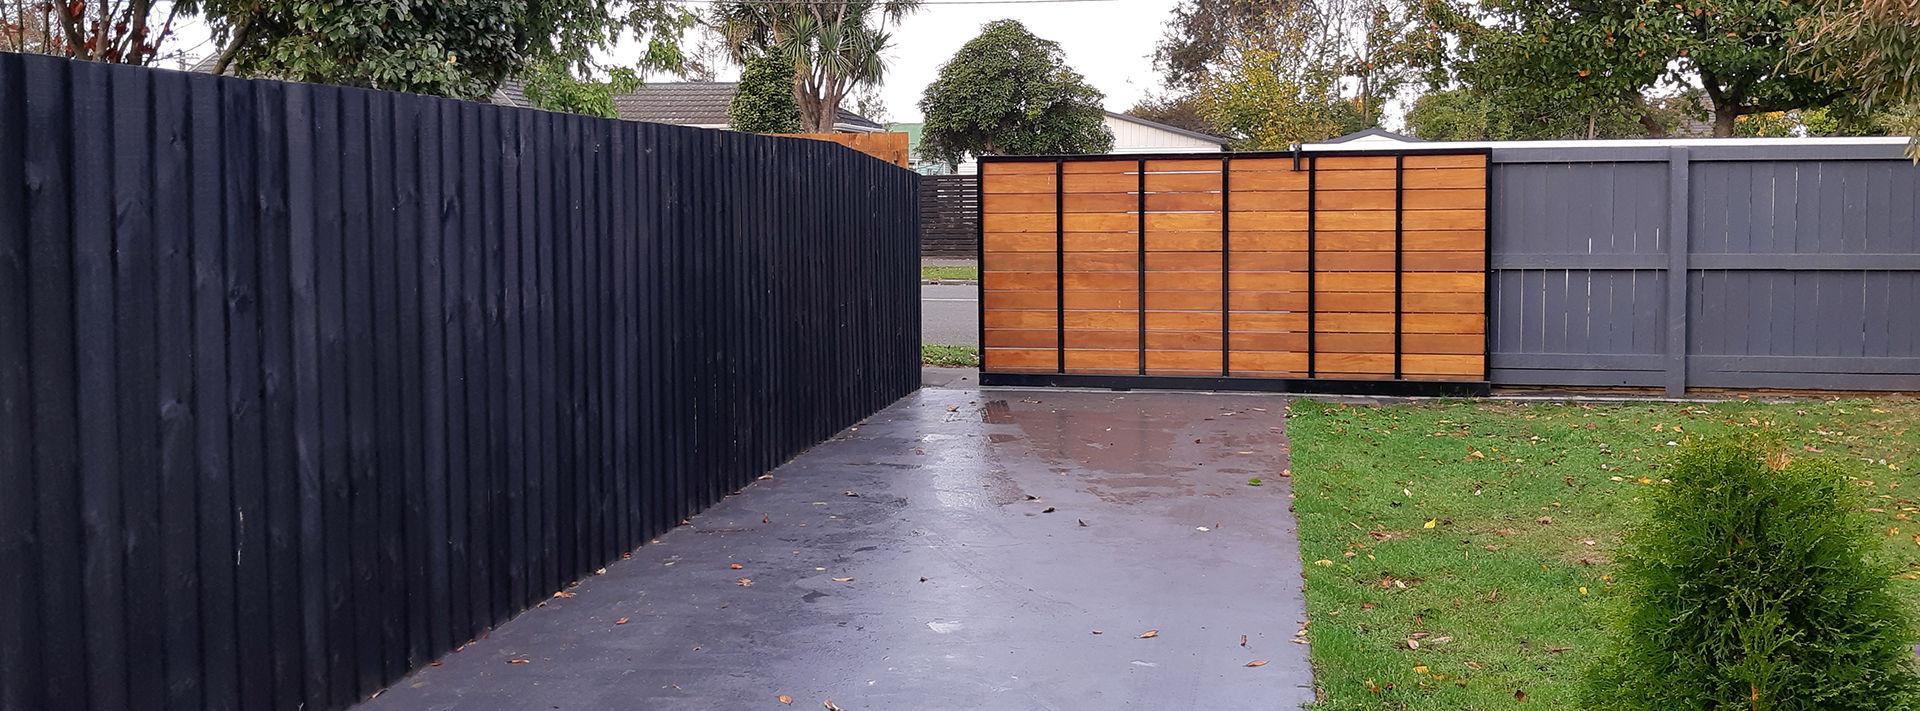 jmh-builders-gate-fence.jpg